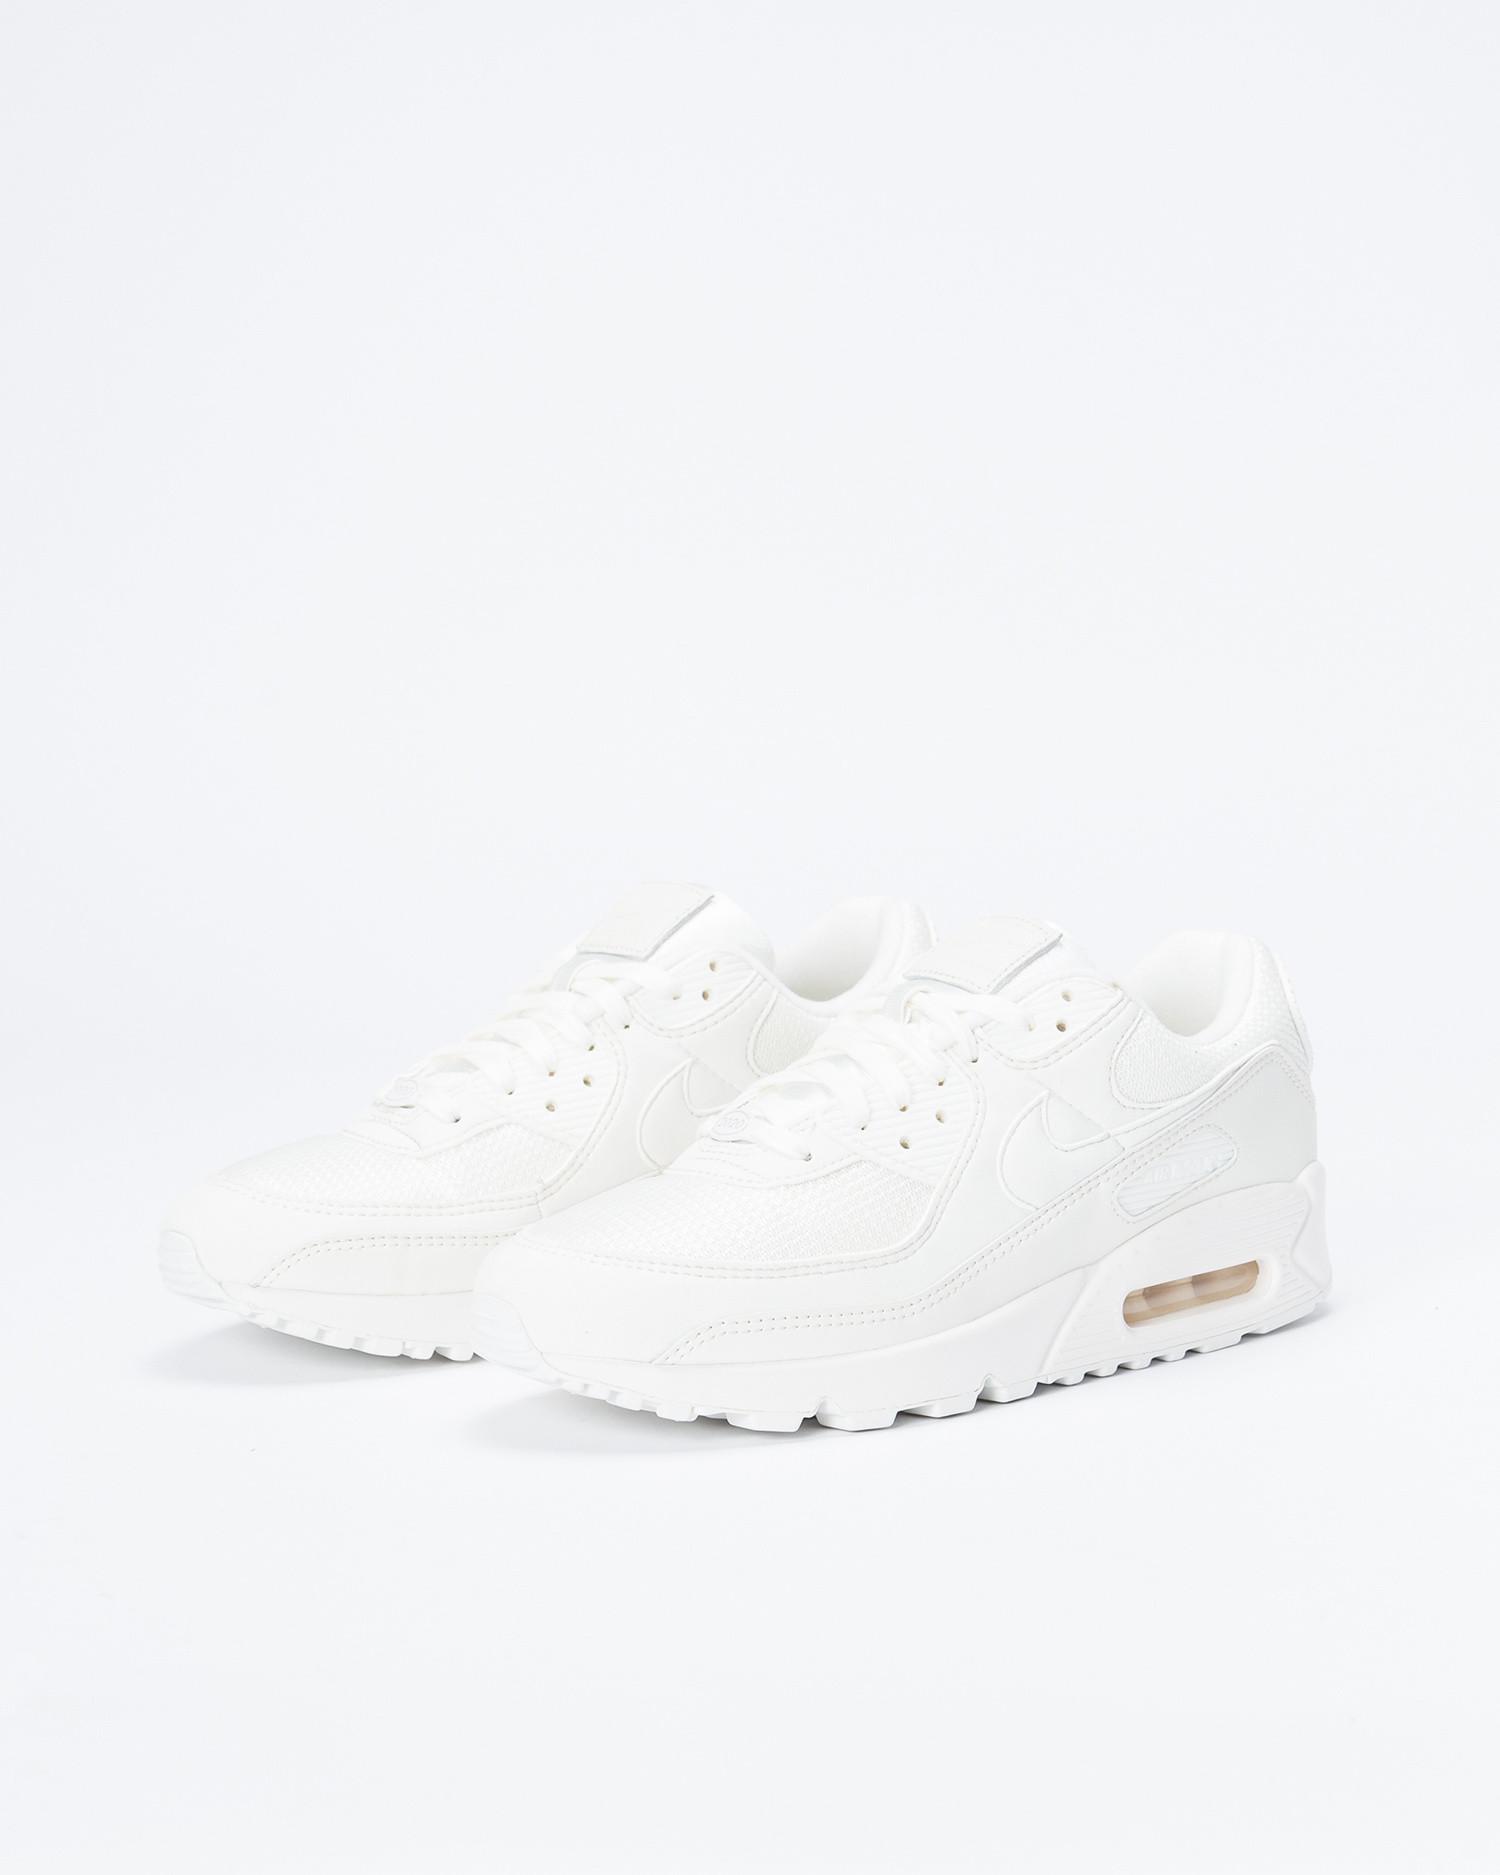 Nike air max 90 nrg sail